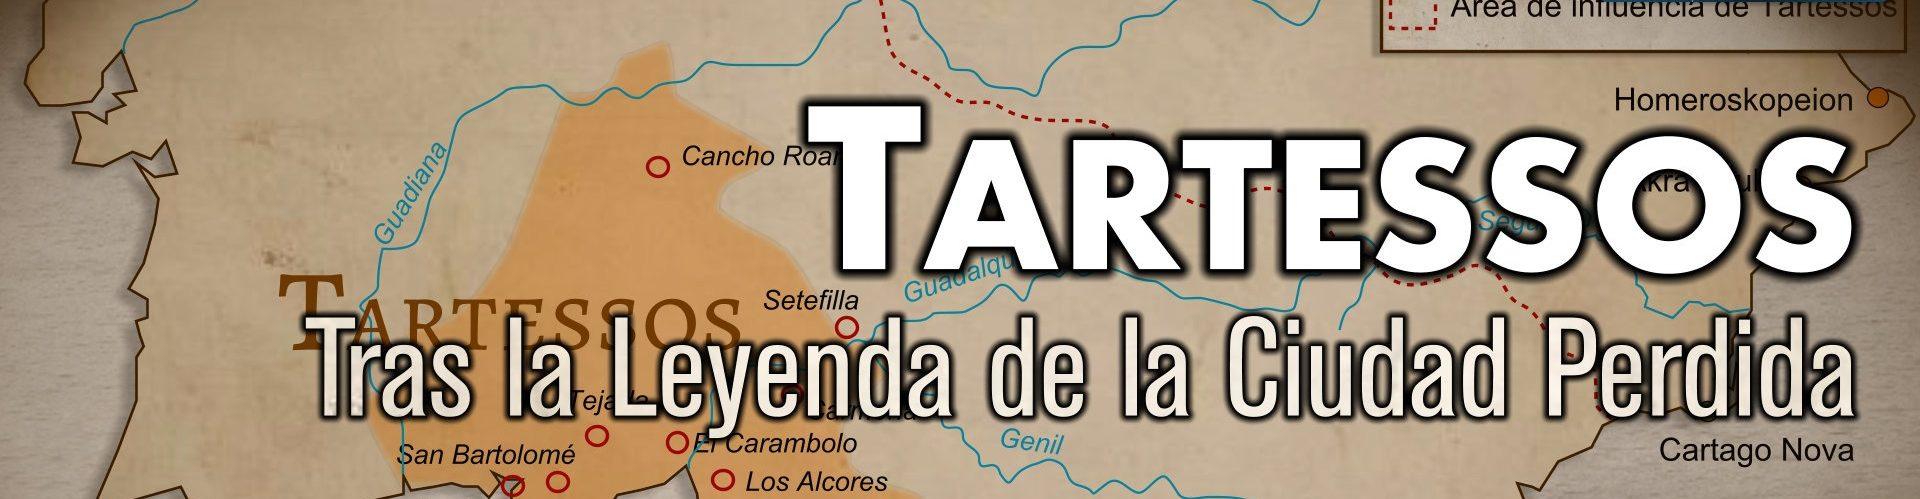 Tartessos169 E1597770232417, Planeta Incógnito